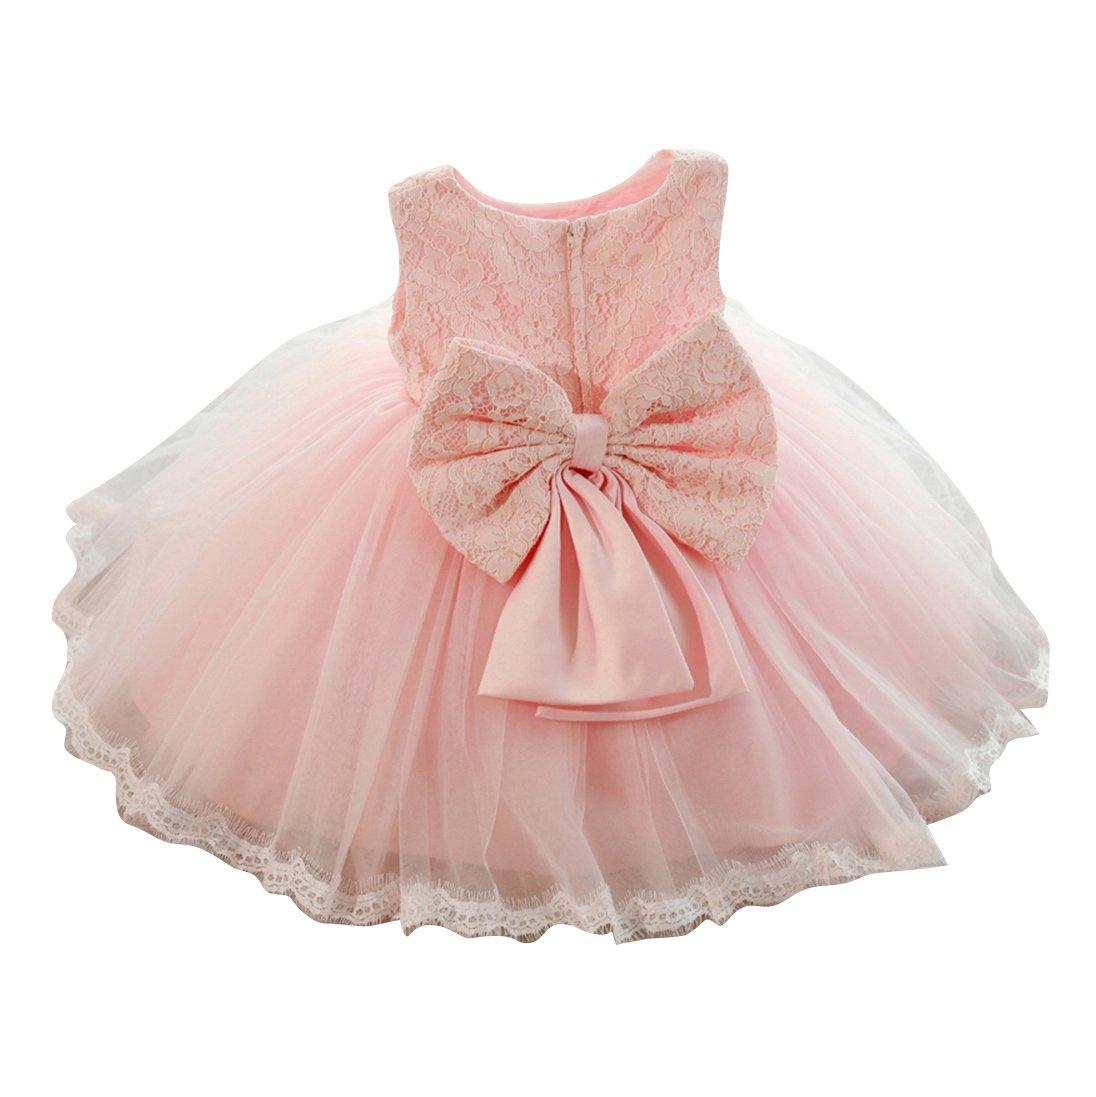 Baby Mädchen kleid - Prinzessin Bowknot Sequins Tüll Kleid Kurze ...